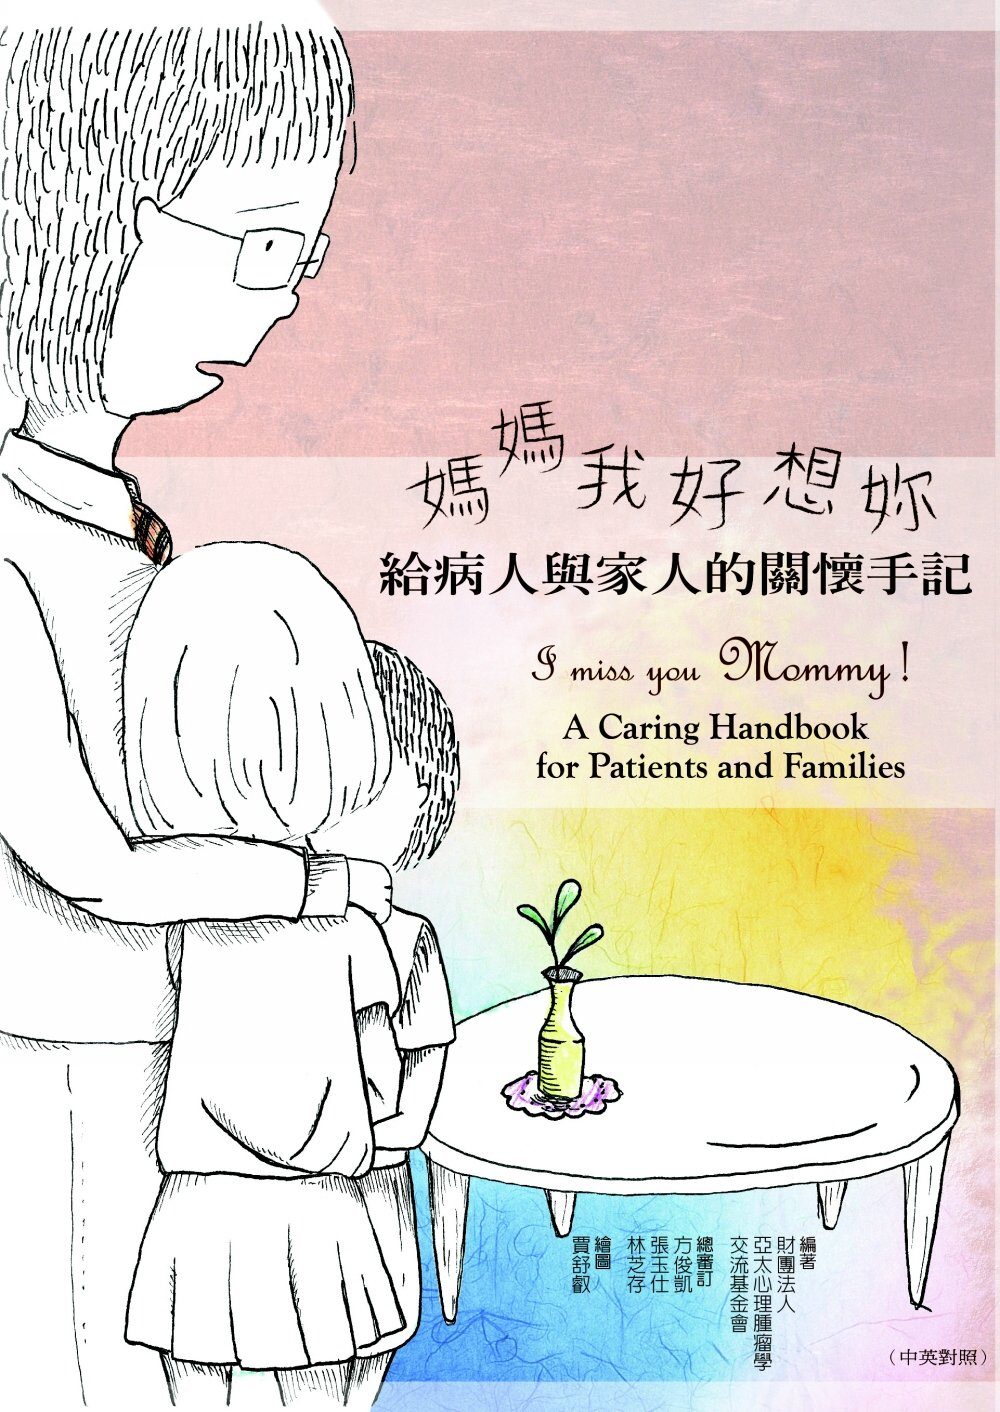 媽媽 我好想妳:給病人與家人的關懷手記(中英對照)